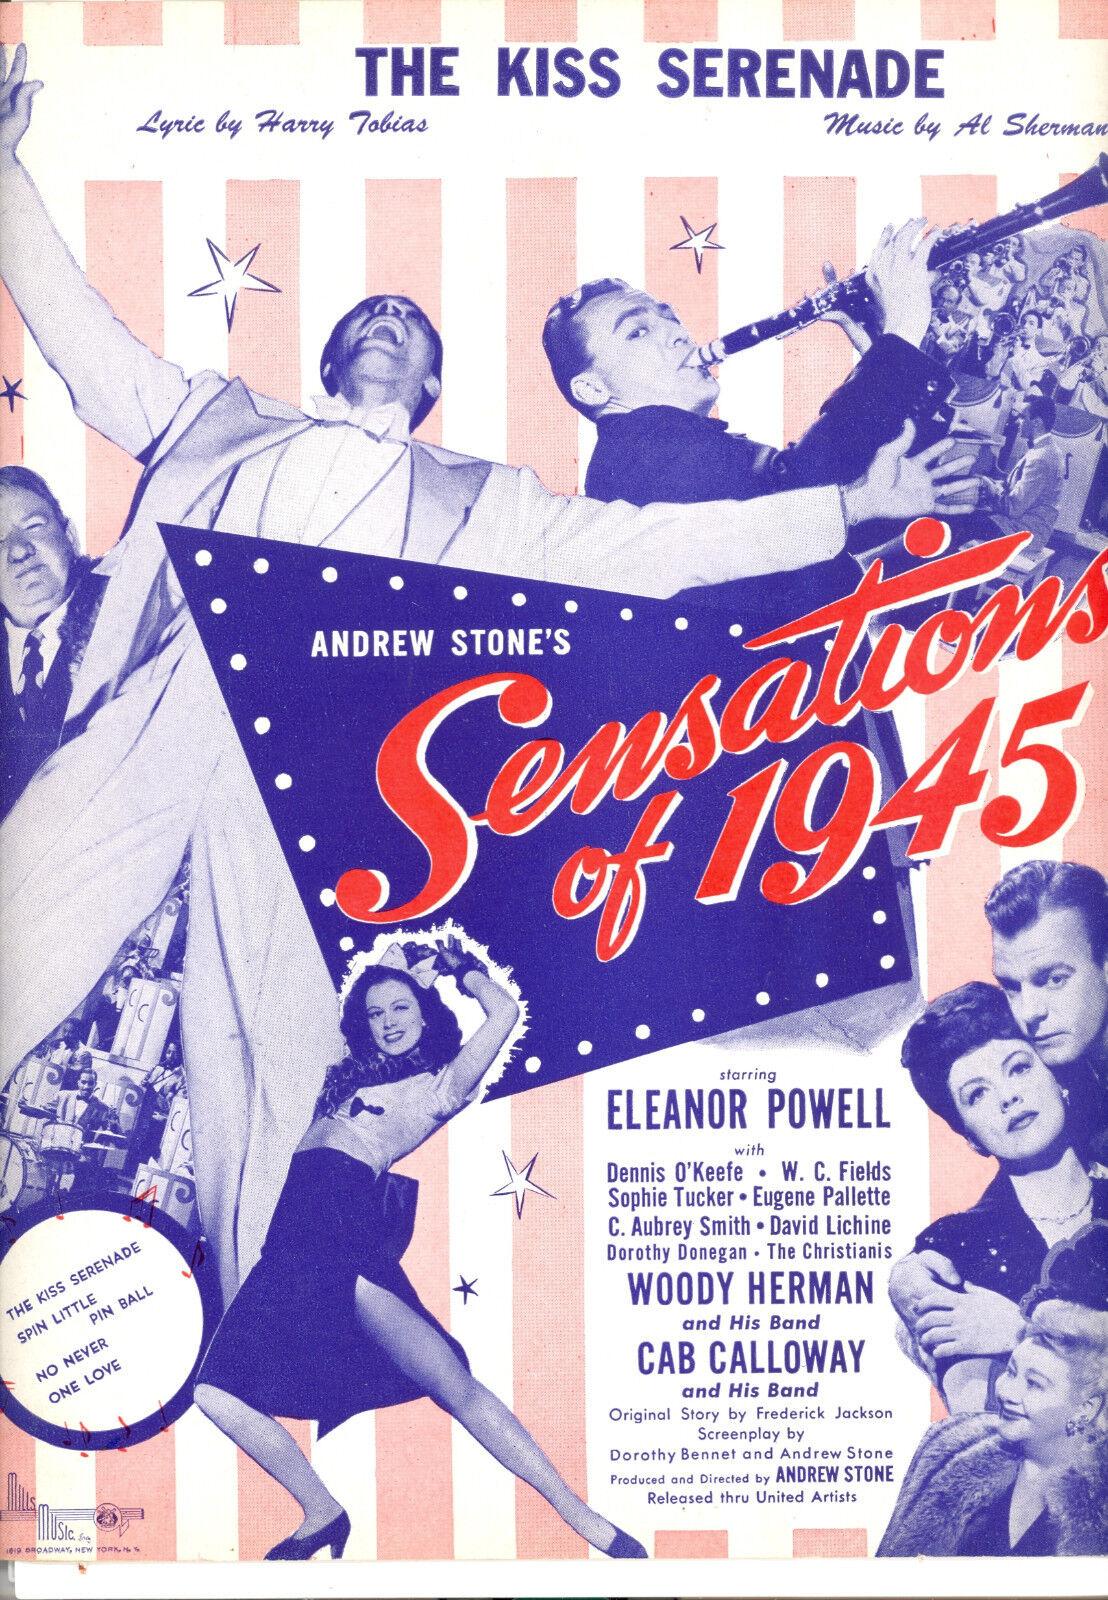 SENSATIONS OF 1945 Sheet Music